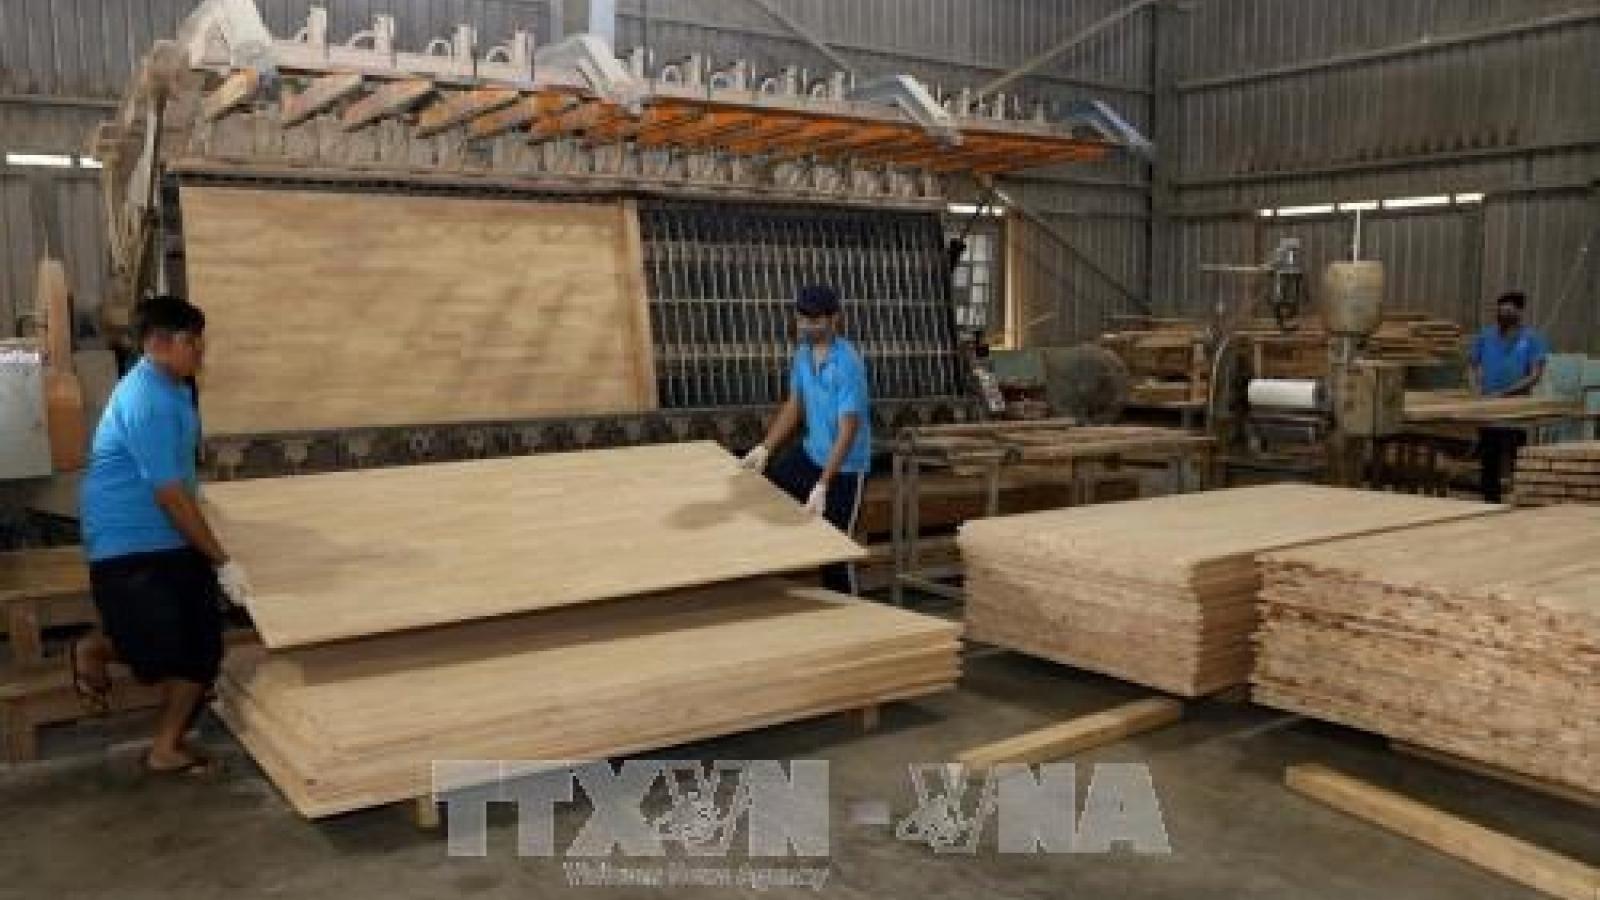 Industrial, economic zones attract 8.7 billion USD in FDI in H1